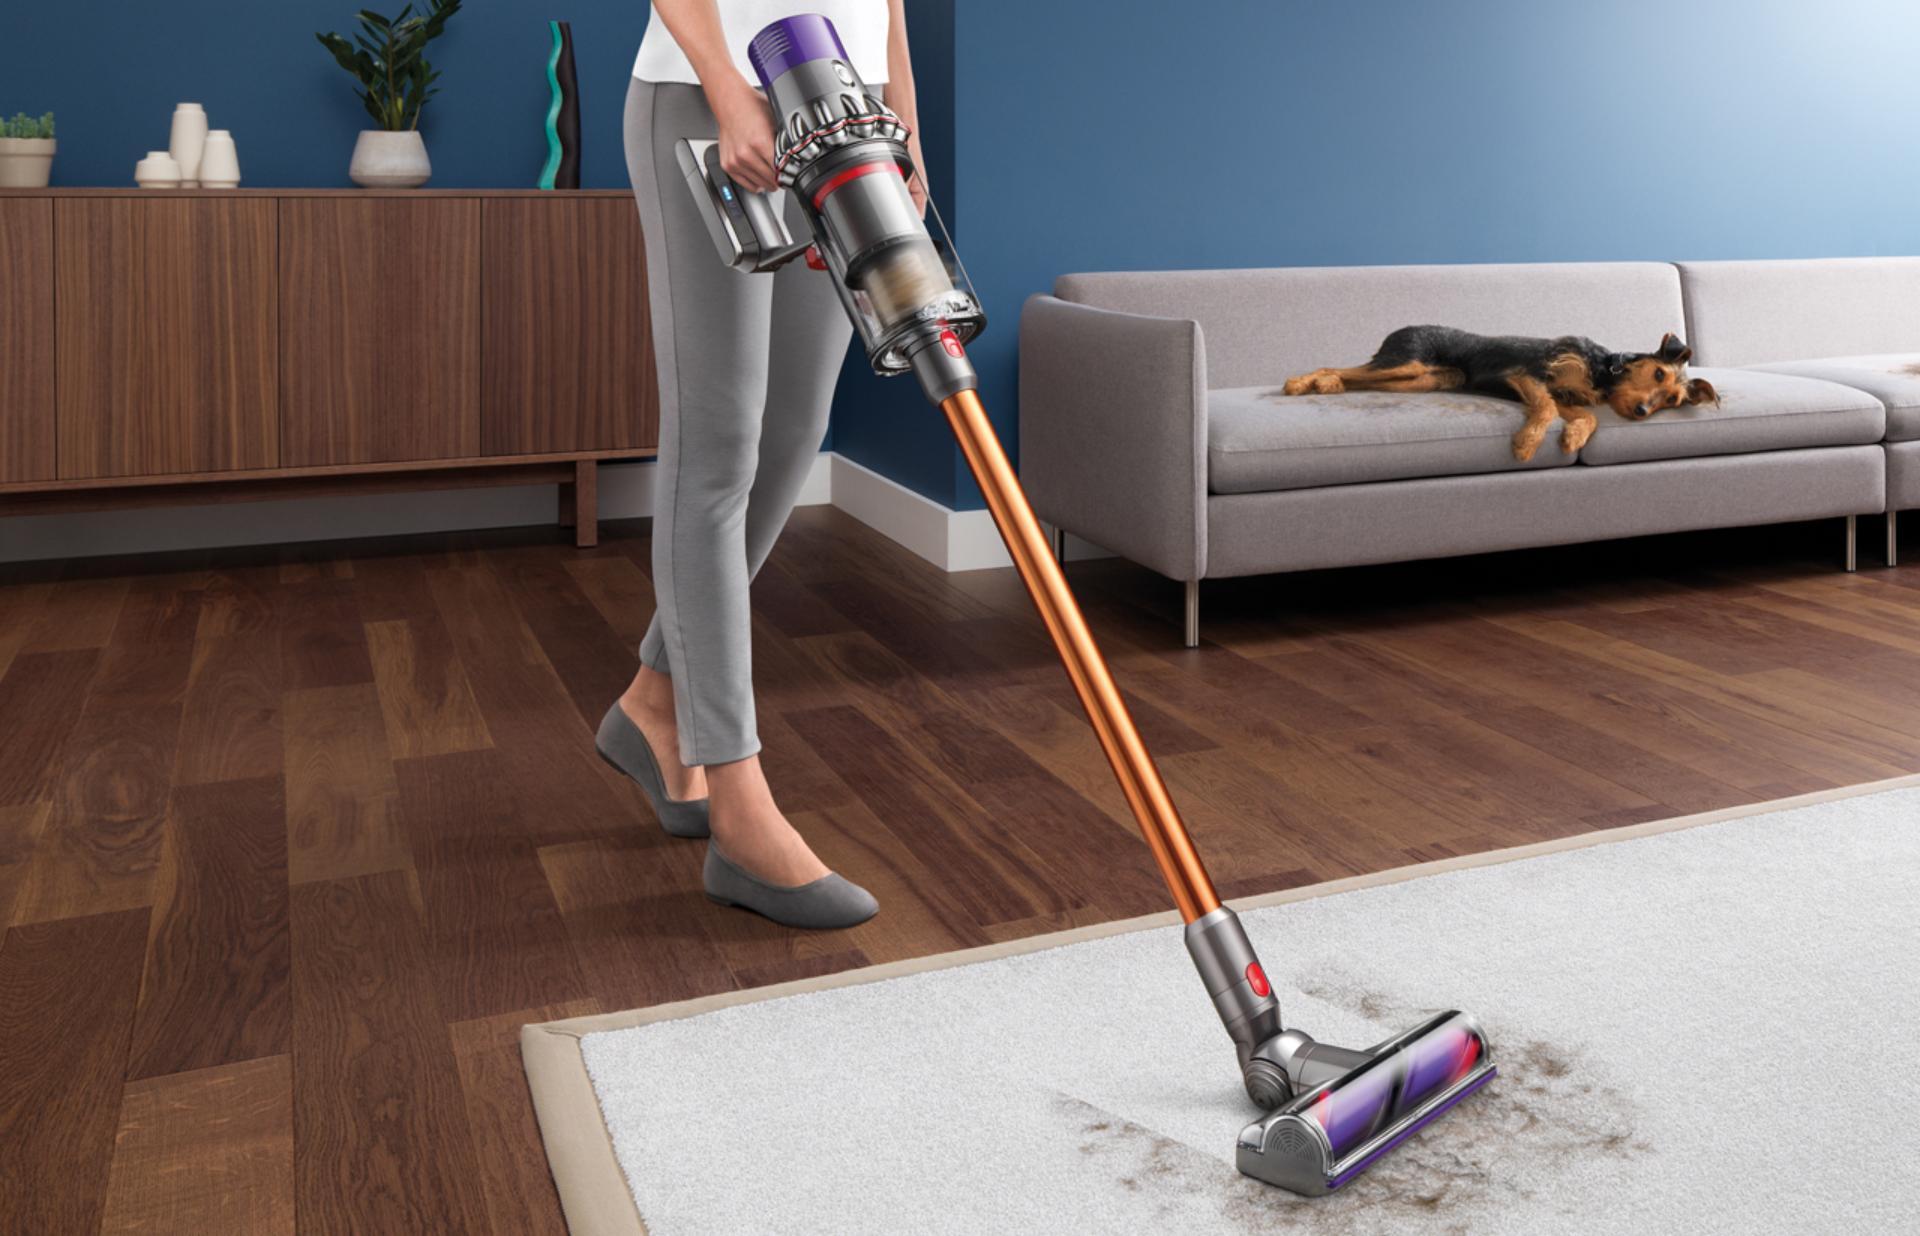 Aspirare puternică pentru a curăța orice loc în profunzime.